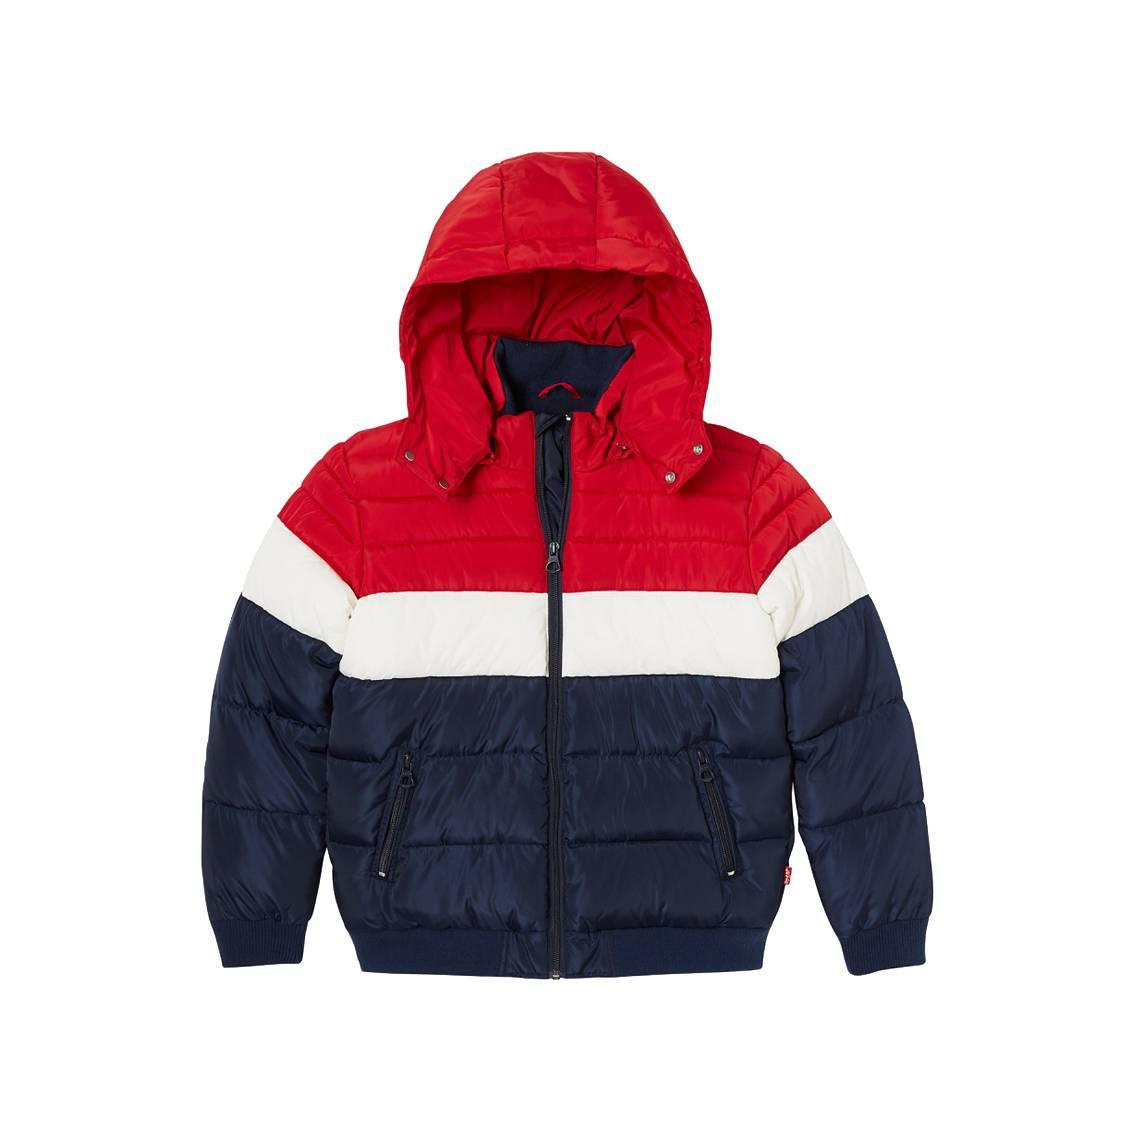 Doudoune à capuche amovible levi\'s junior skipuf à opposition de couleurs bleu marine, blanche et rouge